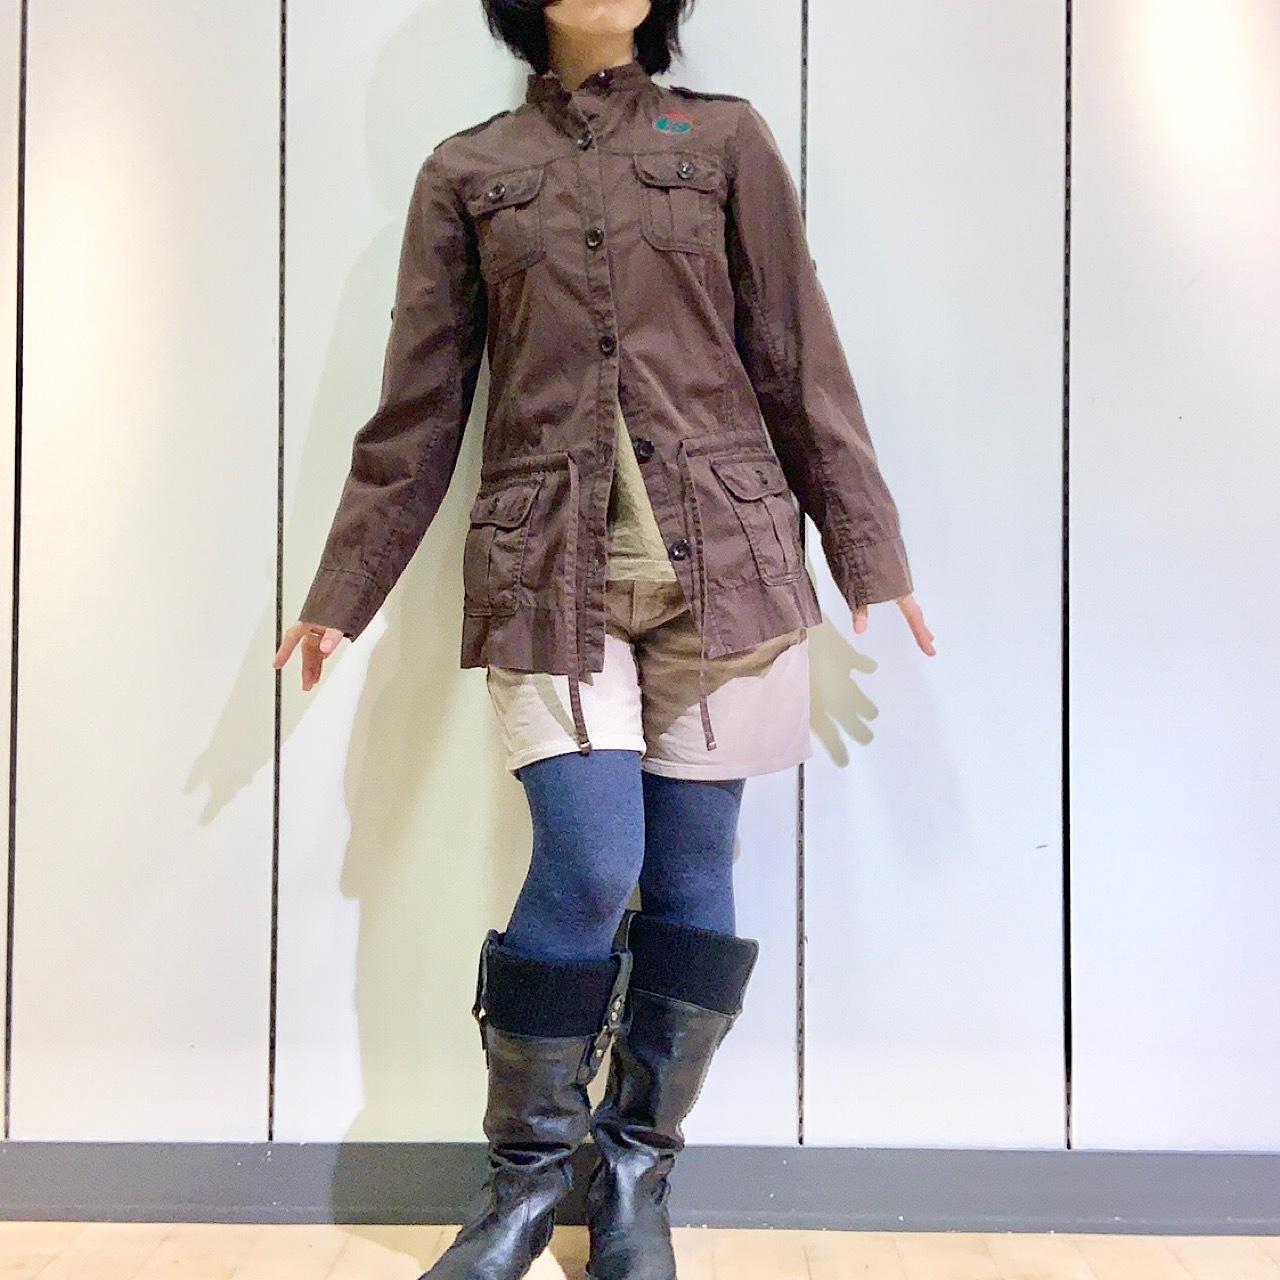 drm-043 てんとう虫のジャケット